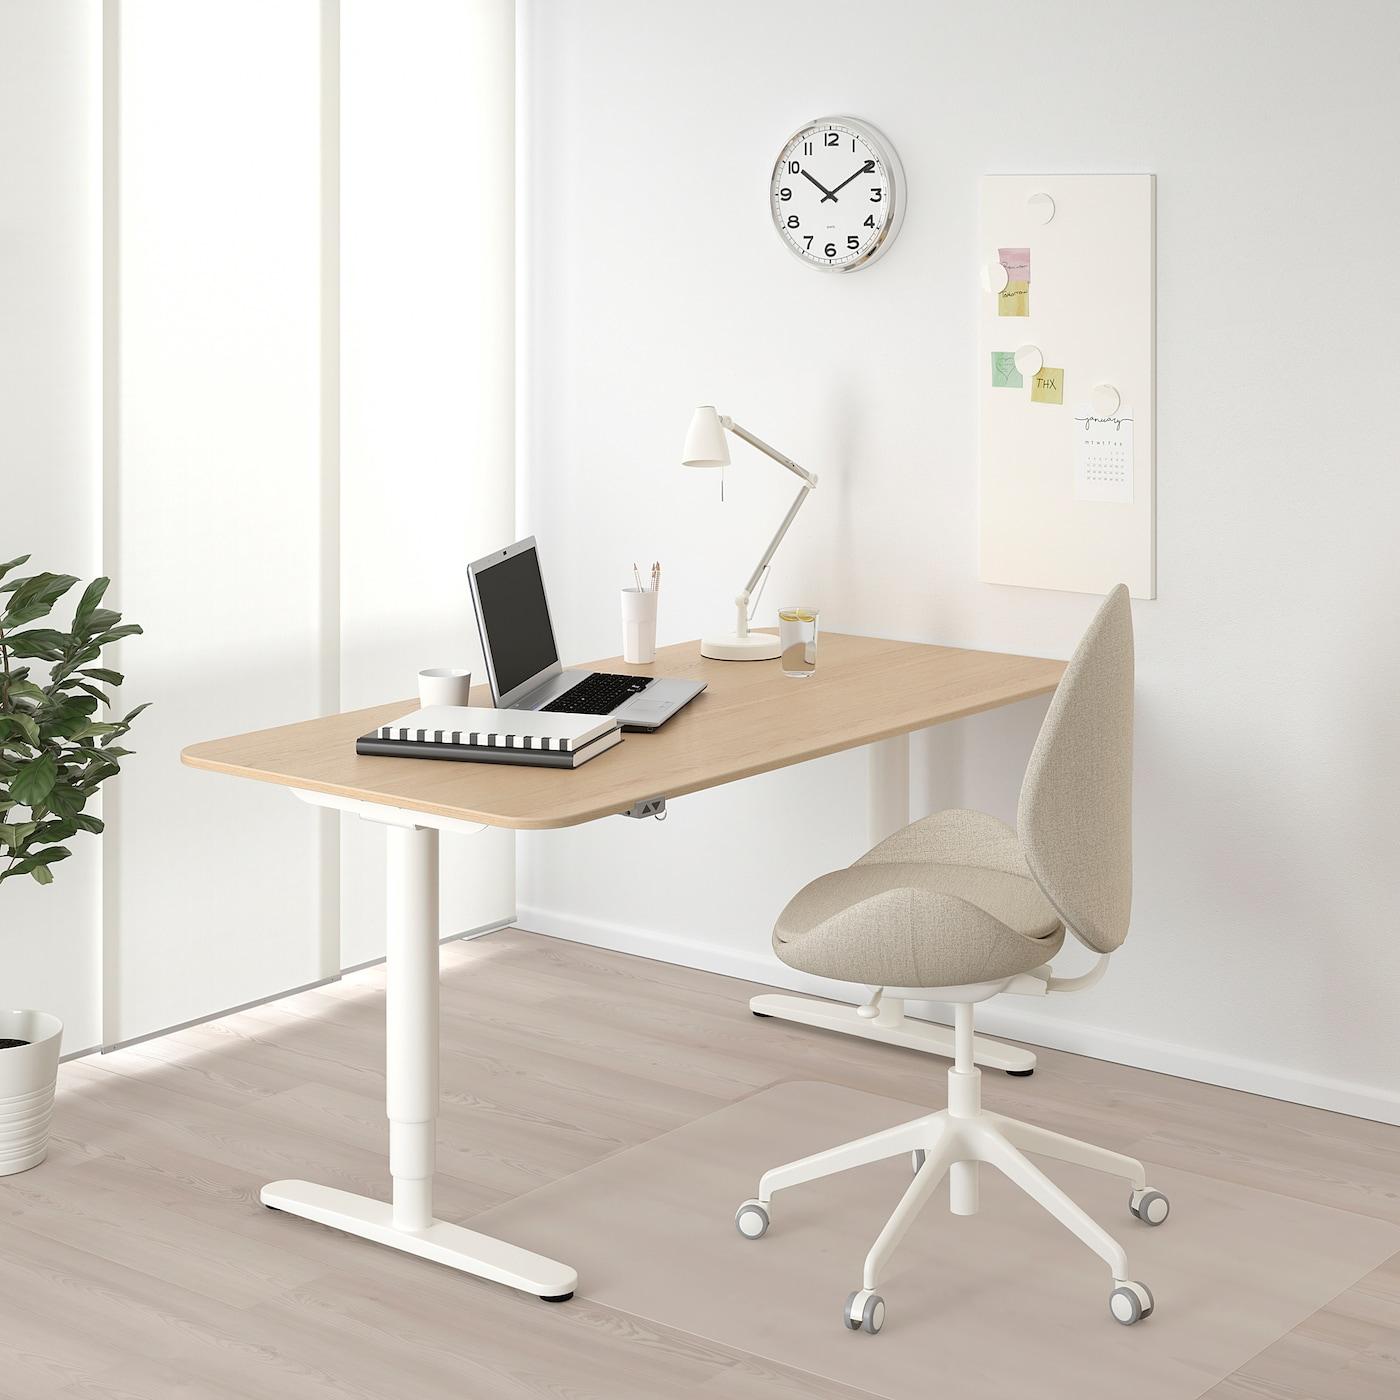 BEKANT Schreibtisch sitz/steh, Eichenfurnier weiß lasiert/weiß, 160x80 cm